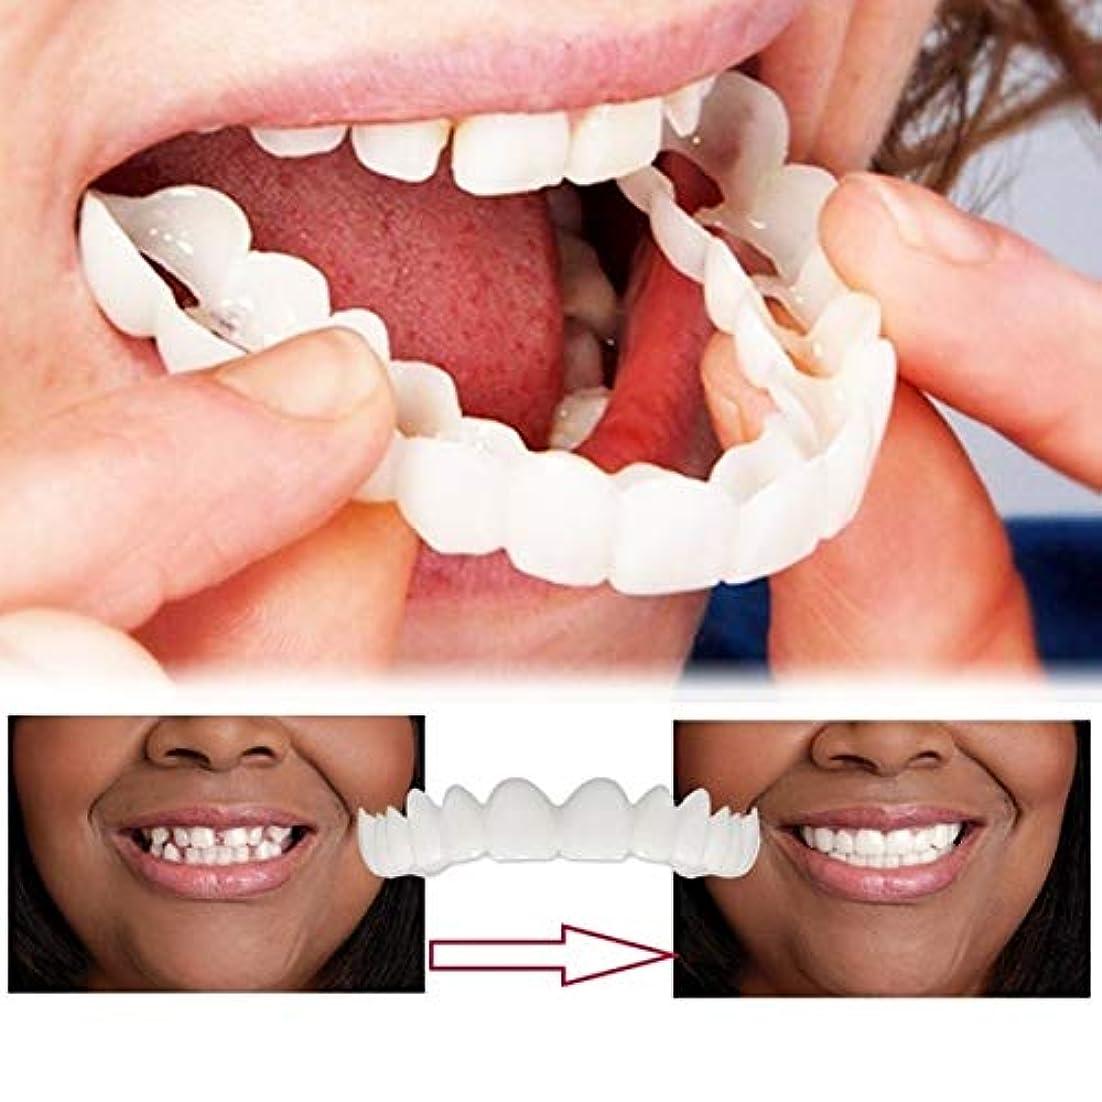 常識憂慮すべきに関して模擬義歯20ピース行歯科ケア笑顔インスタントホワイトニング快適さ美容ツール化粧品歯ナチュラルホワイトブレース